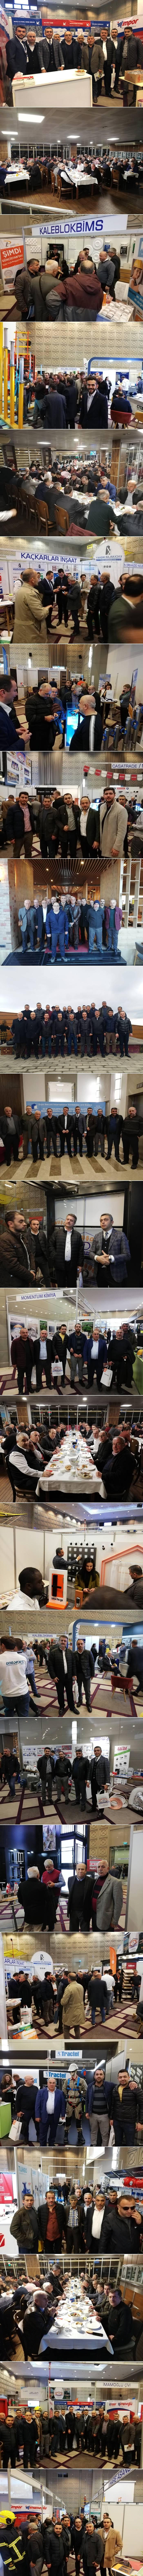 Boyabat Ticaret ve Sanayi Odası'nın düzenlediği Batumi Build 2019 Uluslararası Yapı Fuarı yurt dışı iş gezisi bugün  sona erdi.